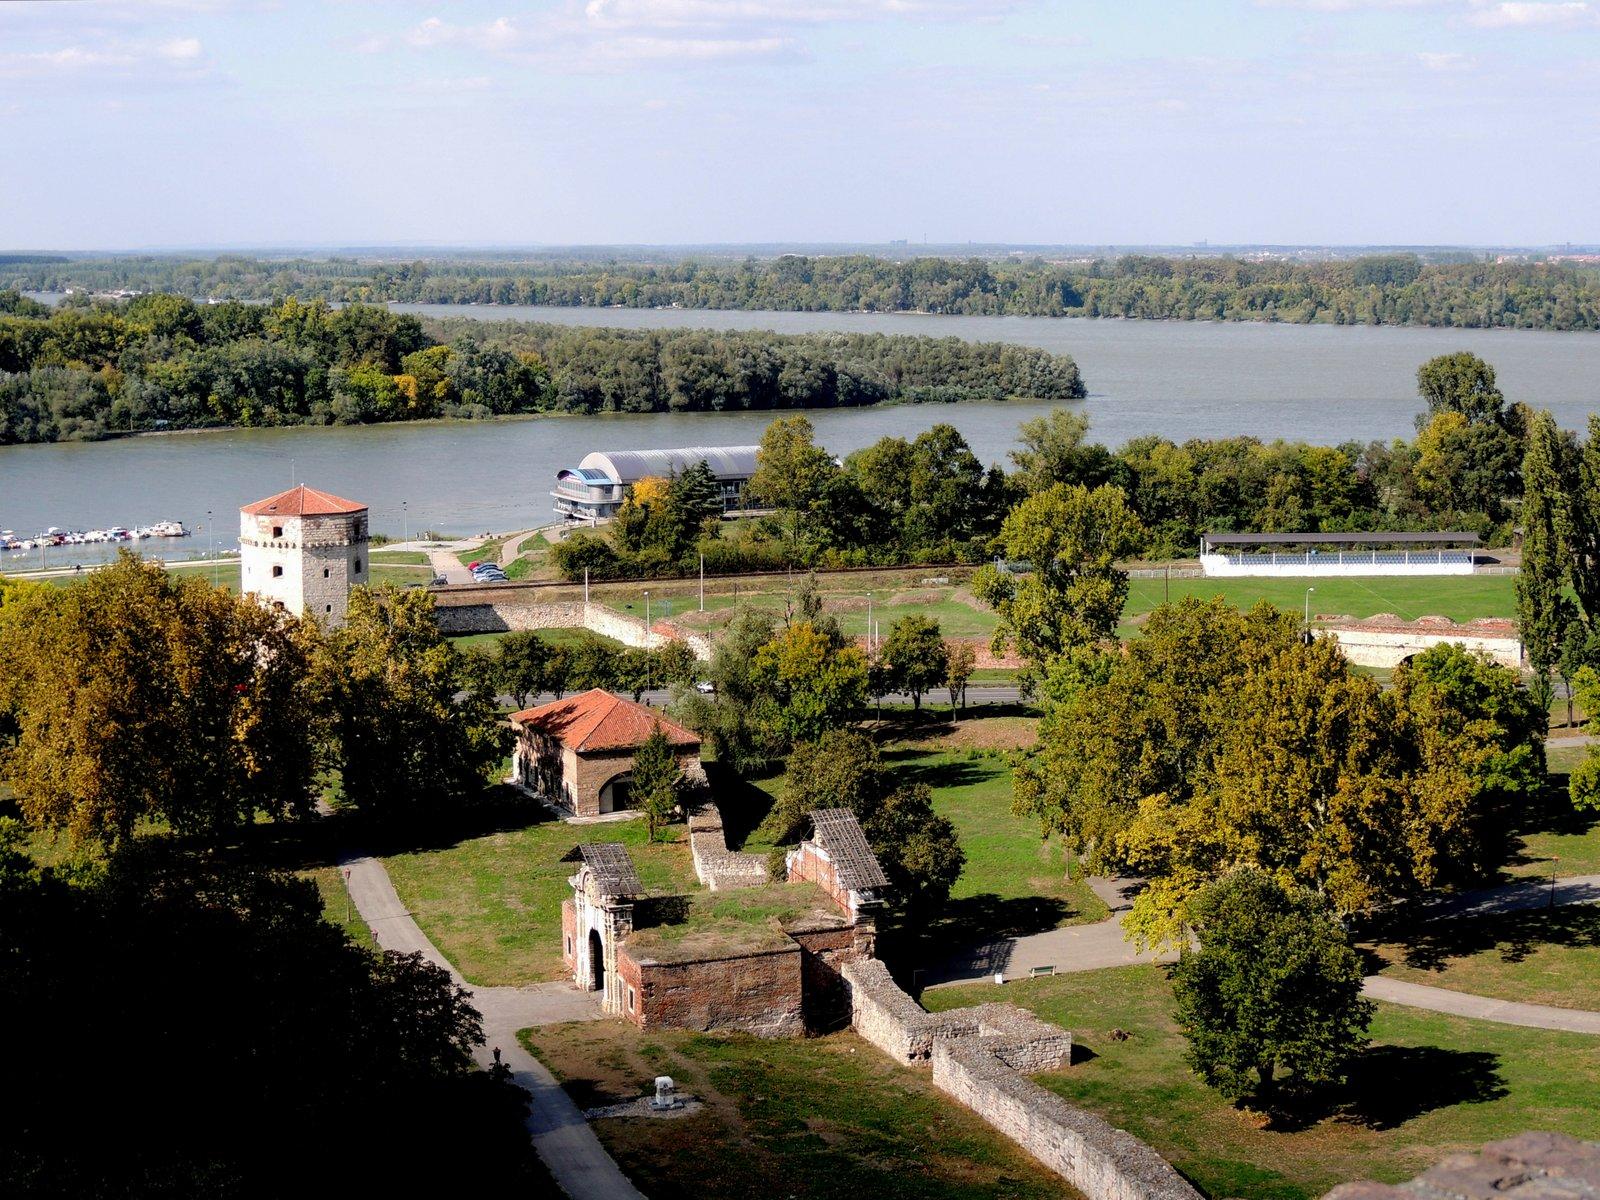 Zusammenfluss von Save und Donau, Belgrad